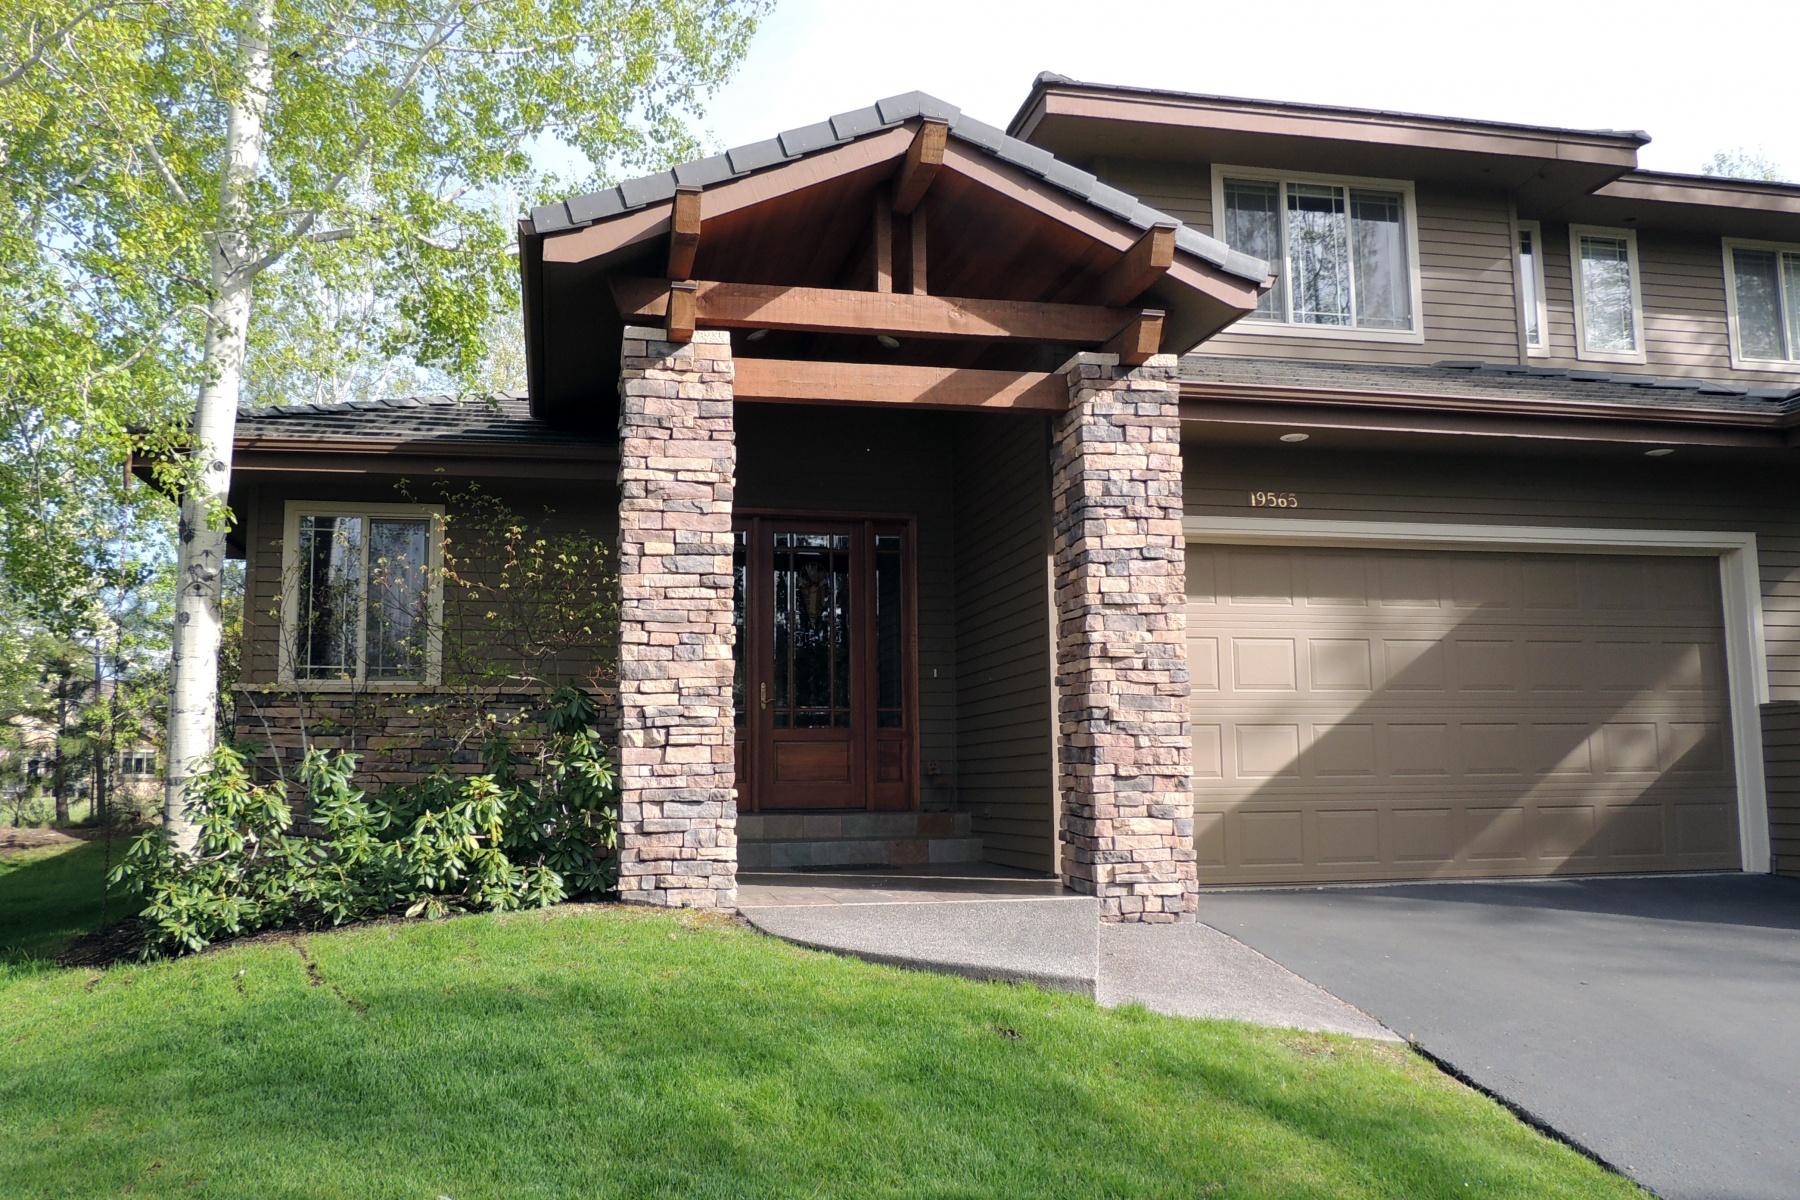 Stadthaus für Verkauf beim Luxury Tonwhome in Broken Top 19565 Simpson Ave Bend, Oregon, 97702 Vereinigte Staaten